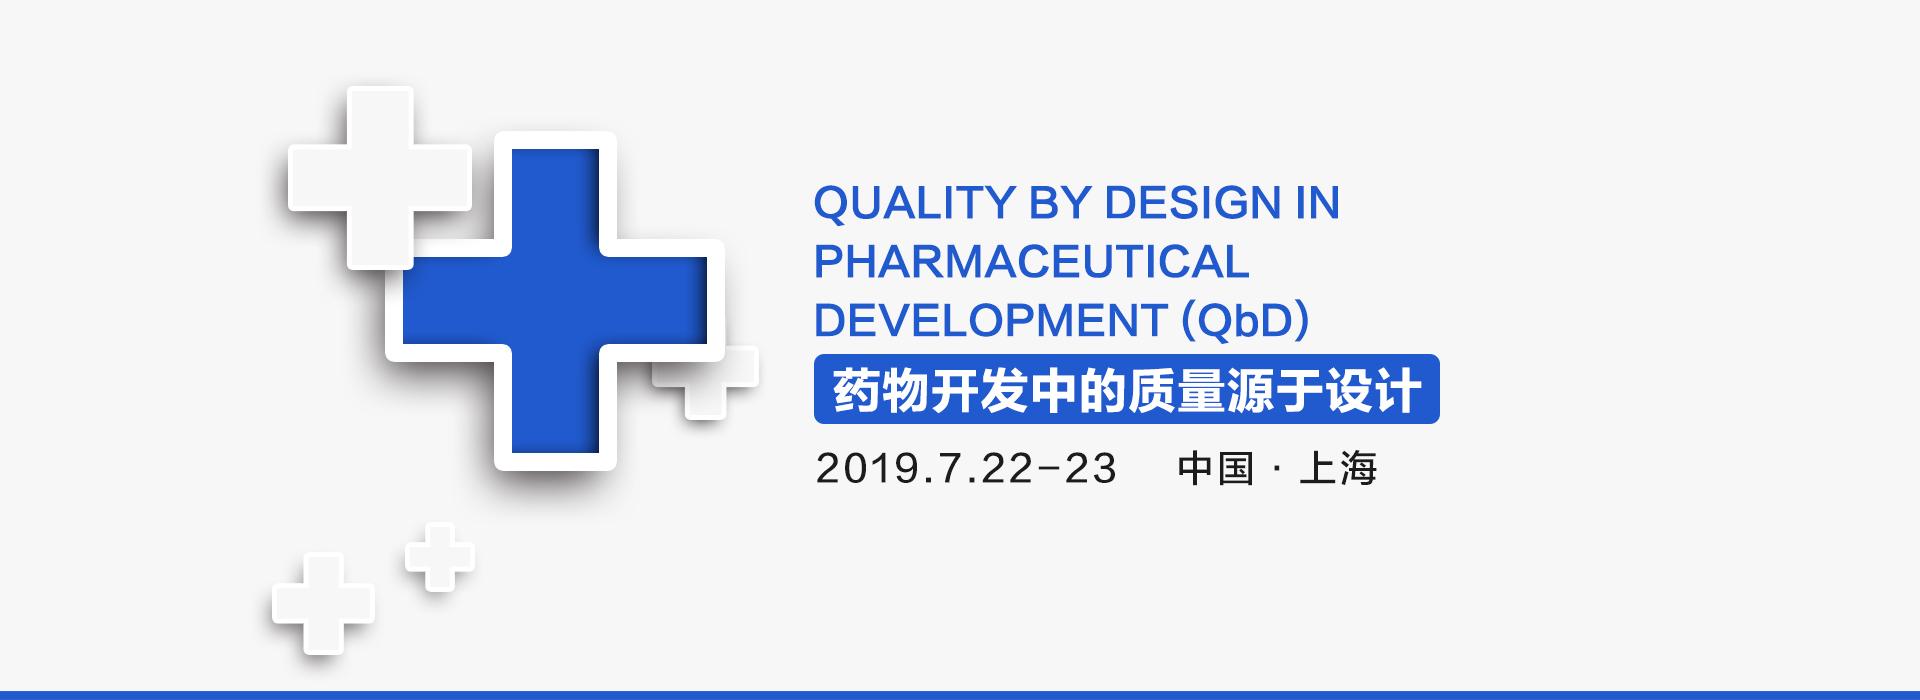 药物开发中的质量源于设计(QbD)